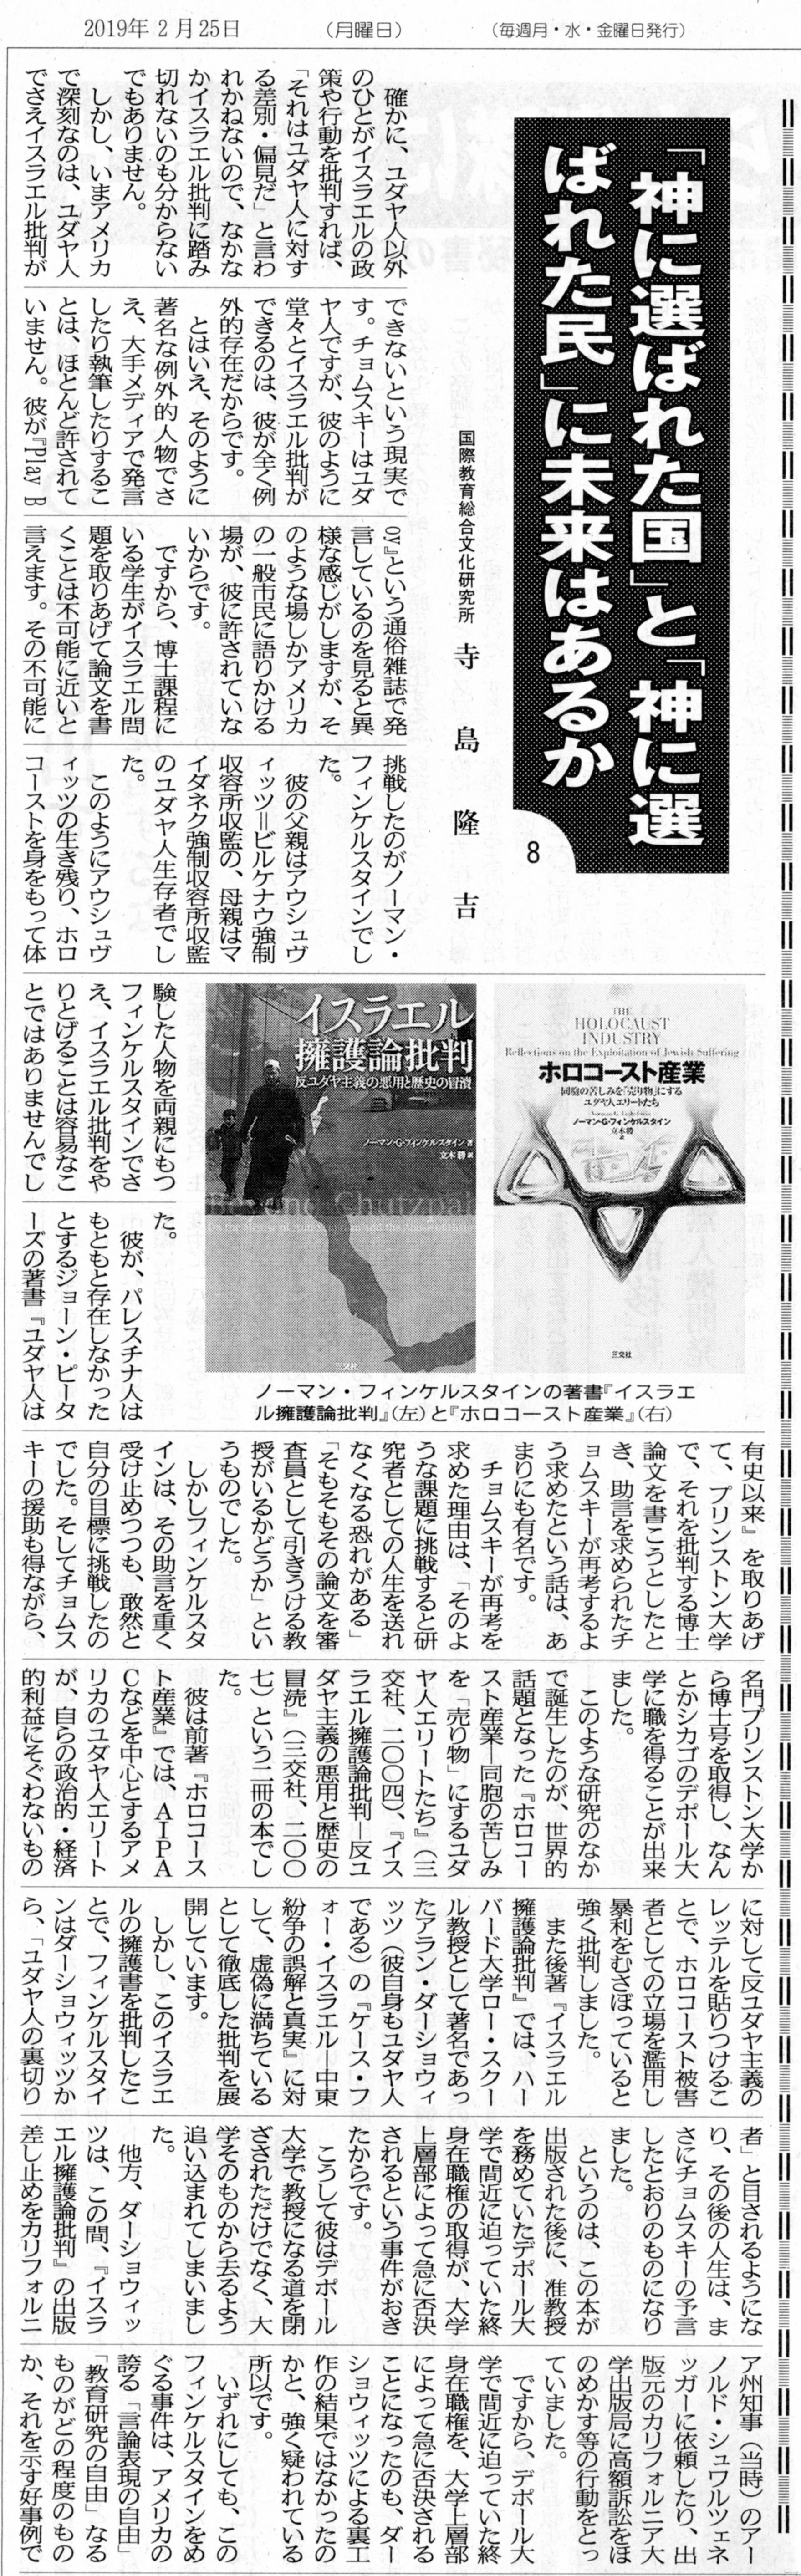 長州新聞20190210神に選ばれた国と神に選ばれた民に未来はあるか⑧225